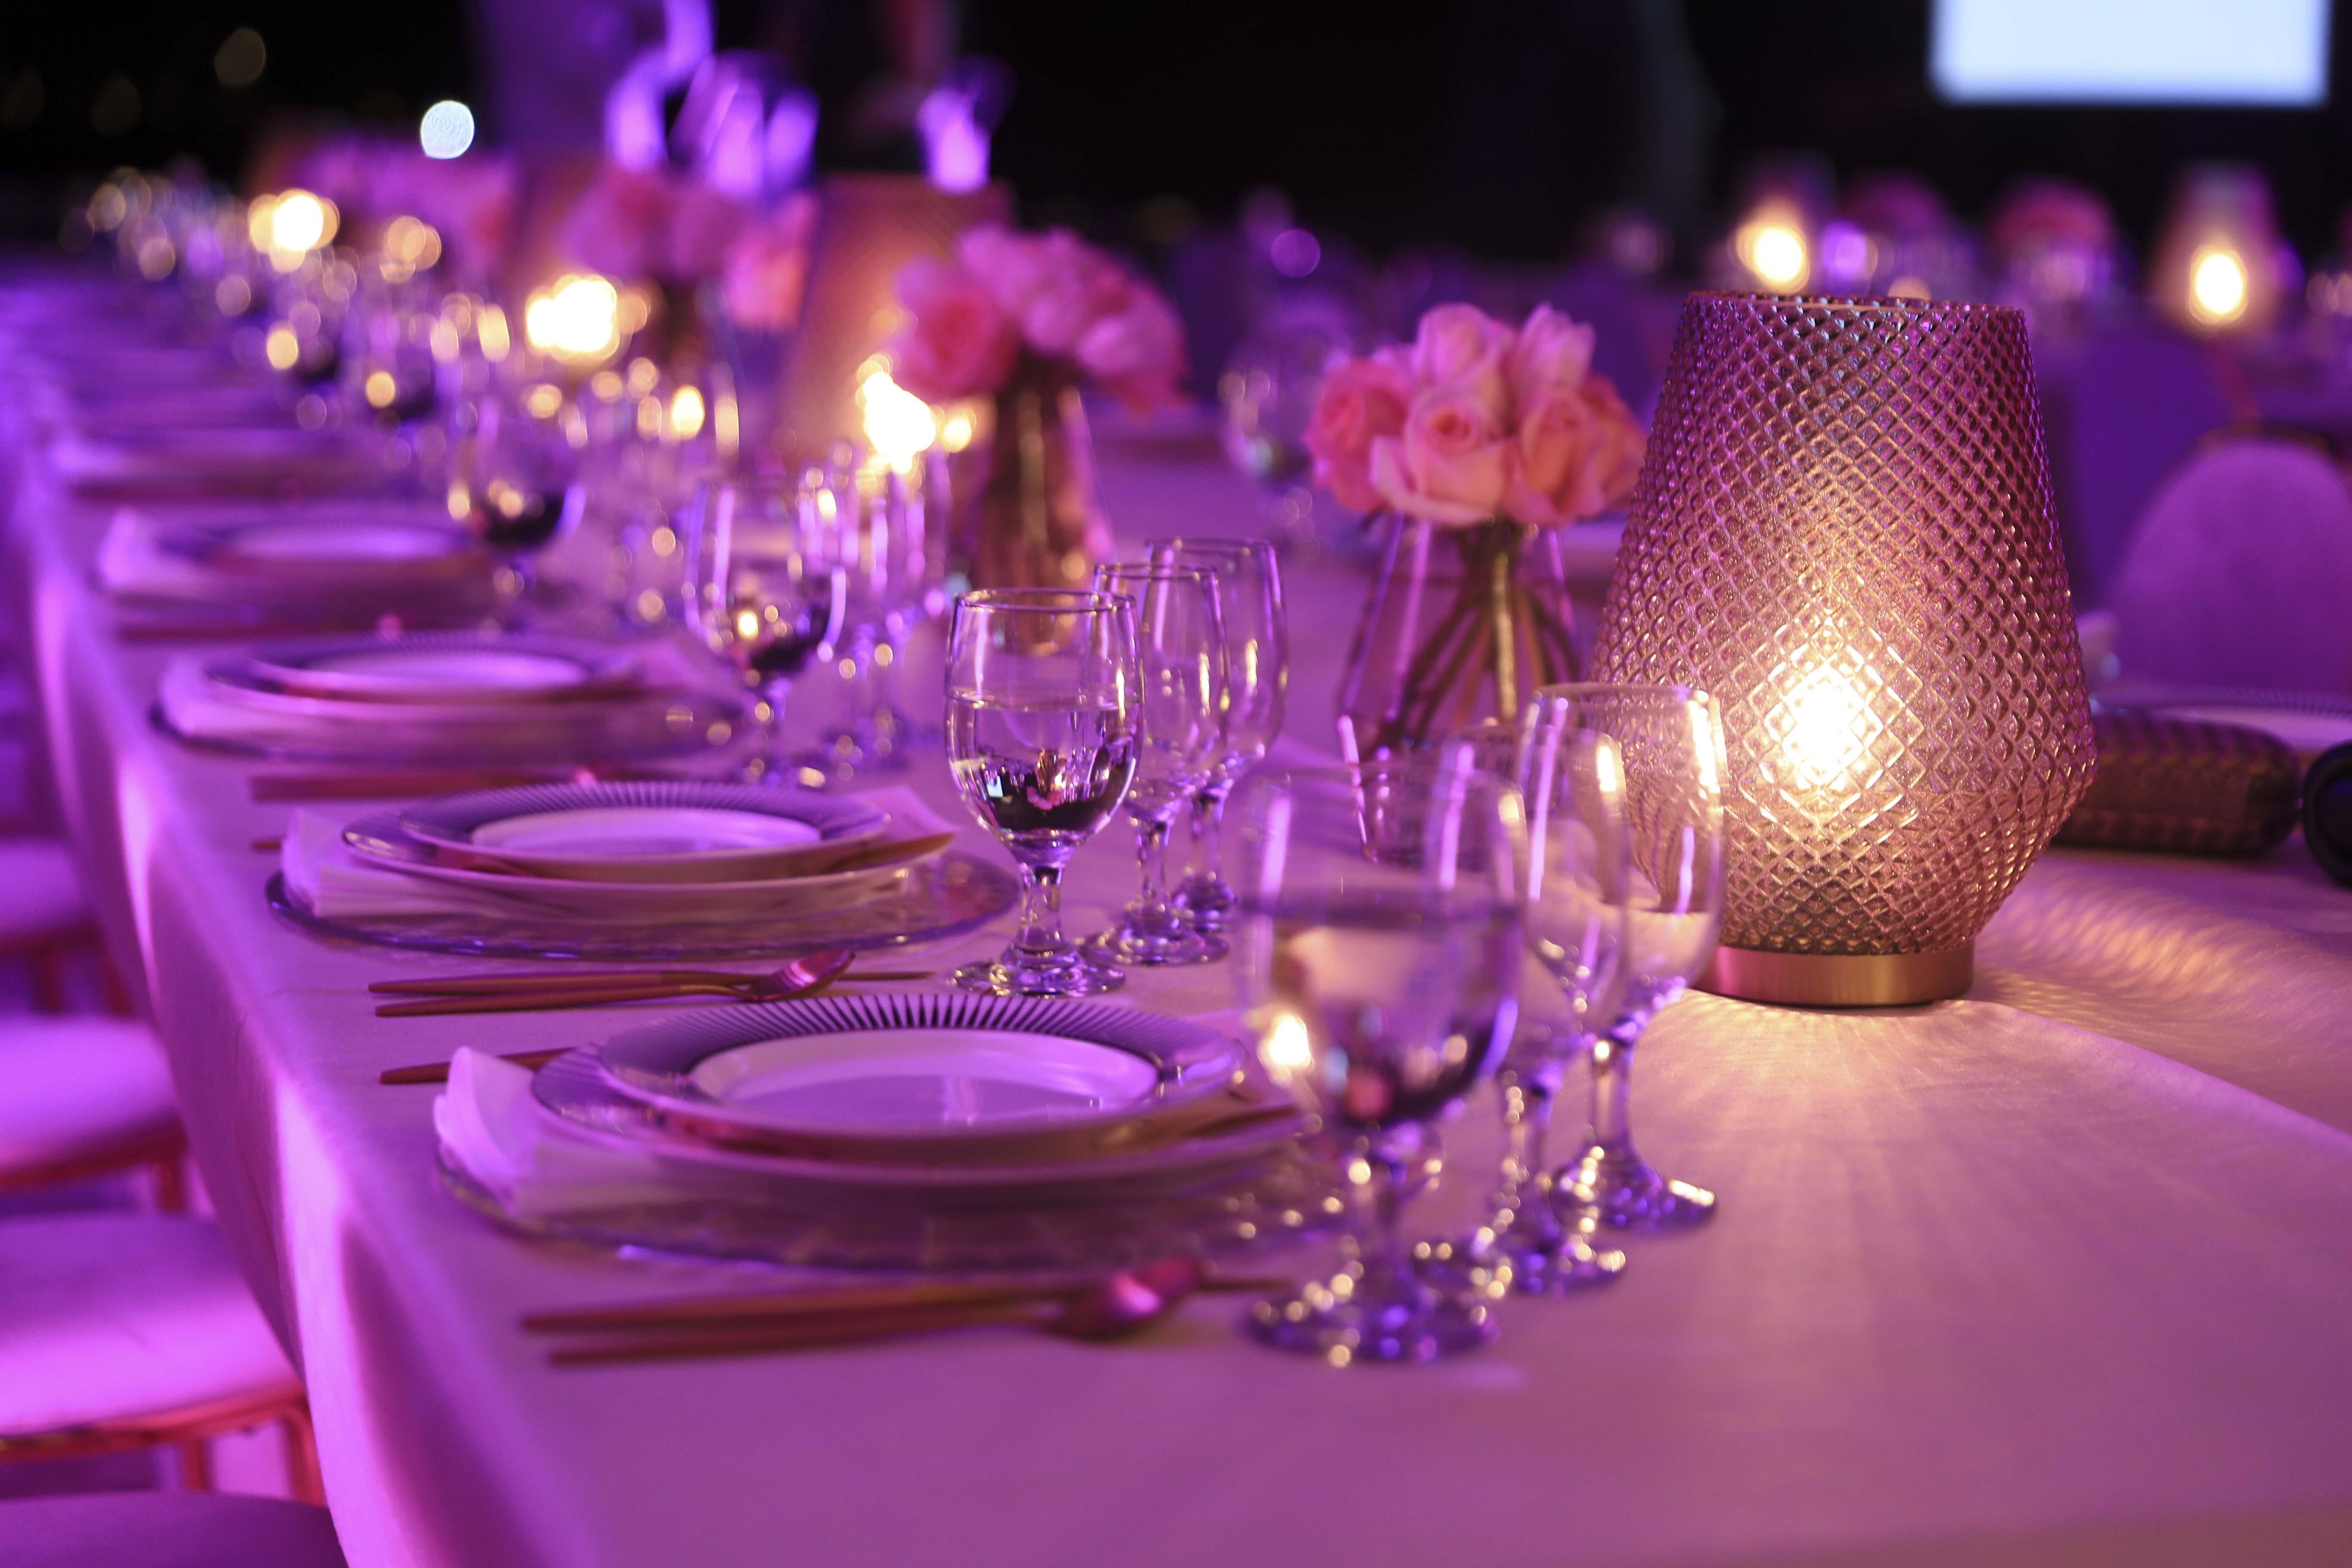 Detalle de la ambientación de la cena. (Wanda Liz Vega)